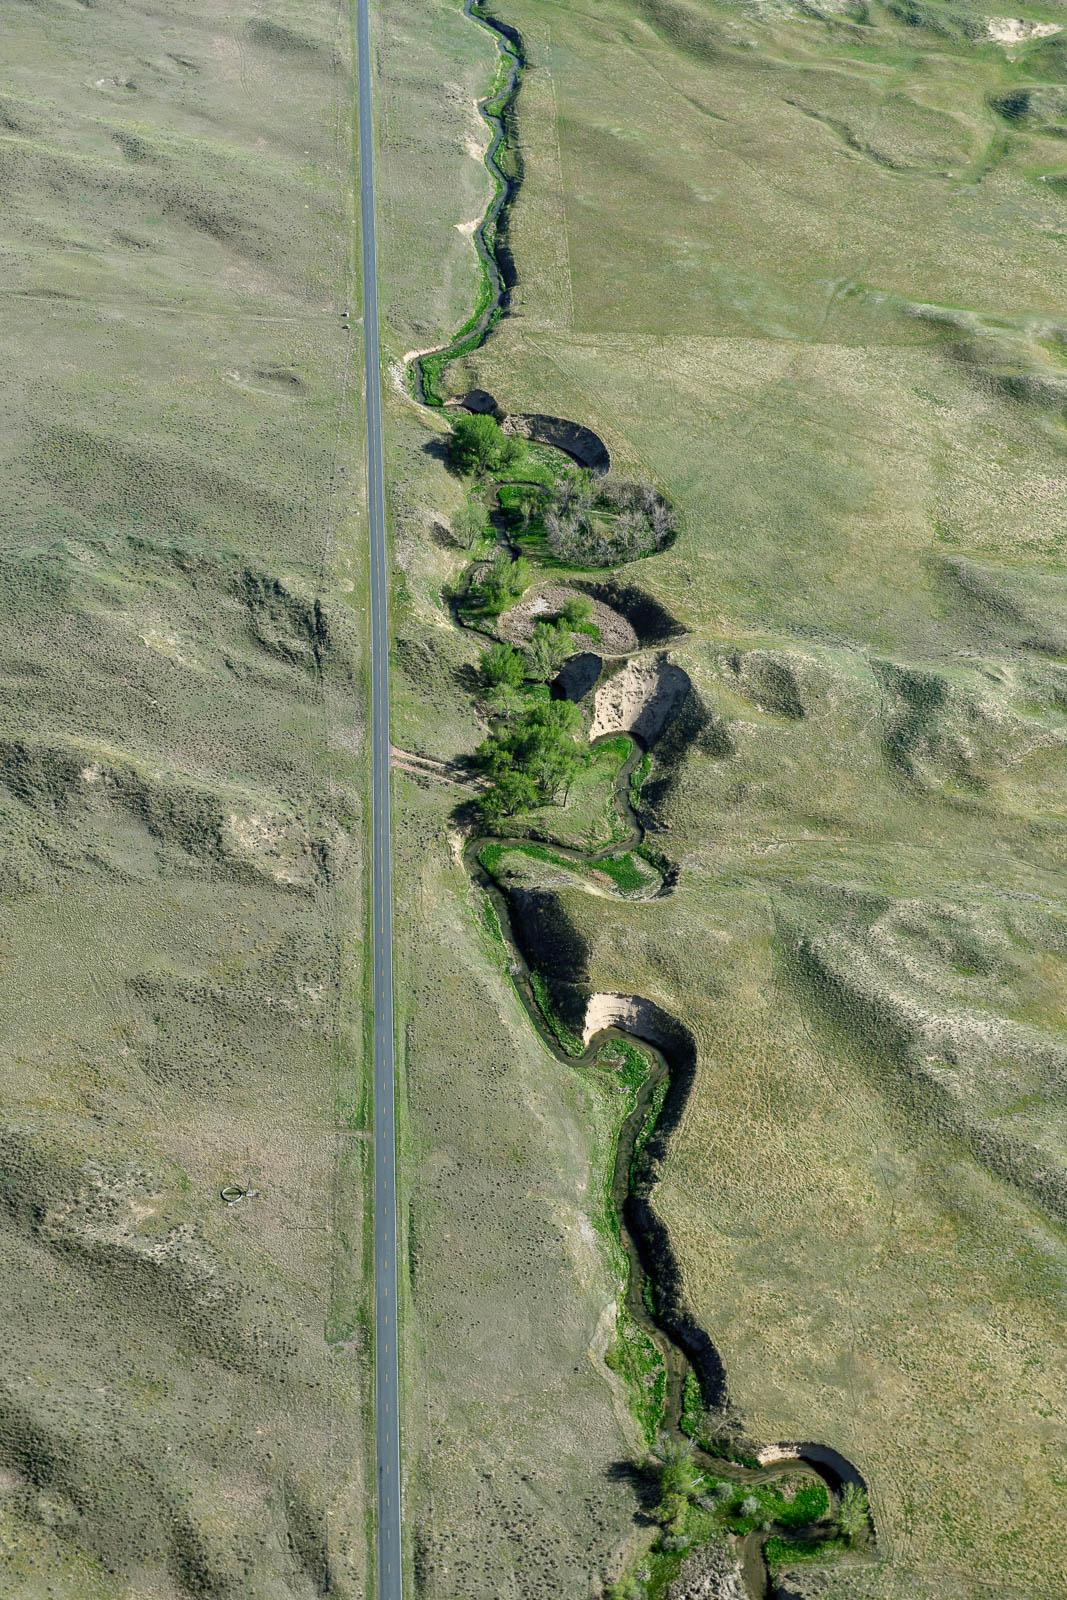 The straight roads of Morrill, Nebraska (yep, we ventured into the next state)